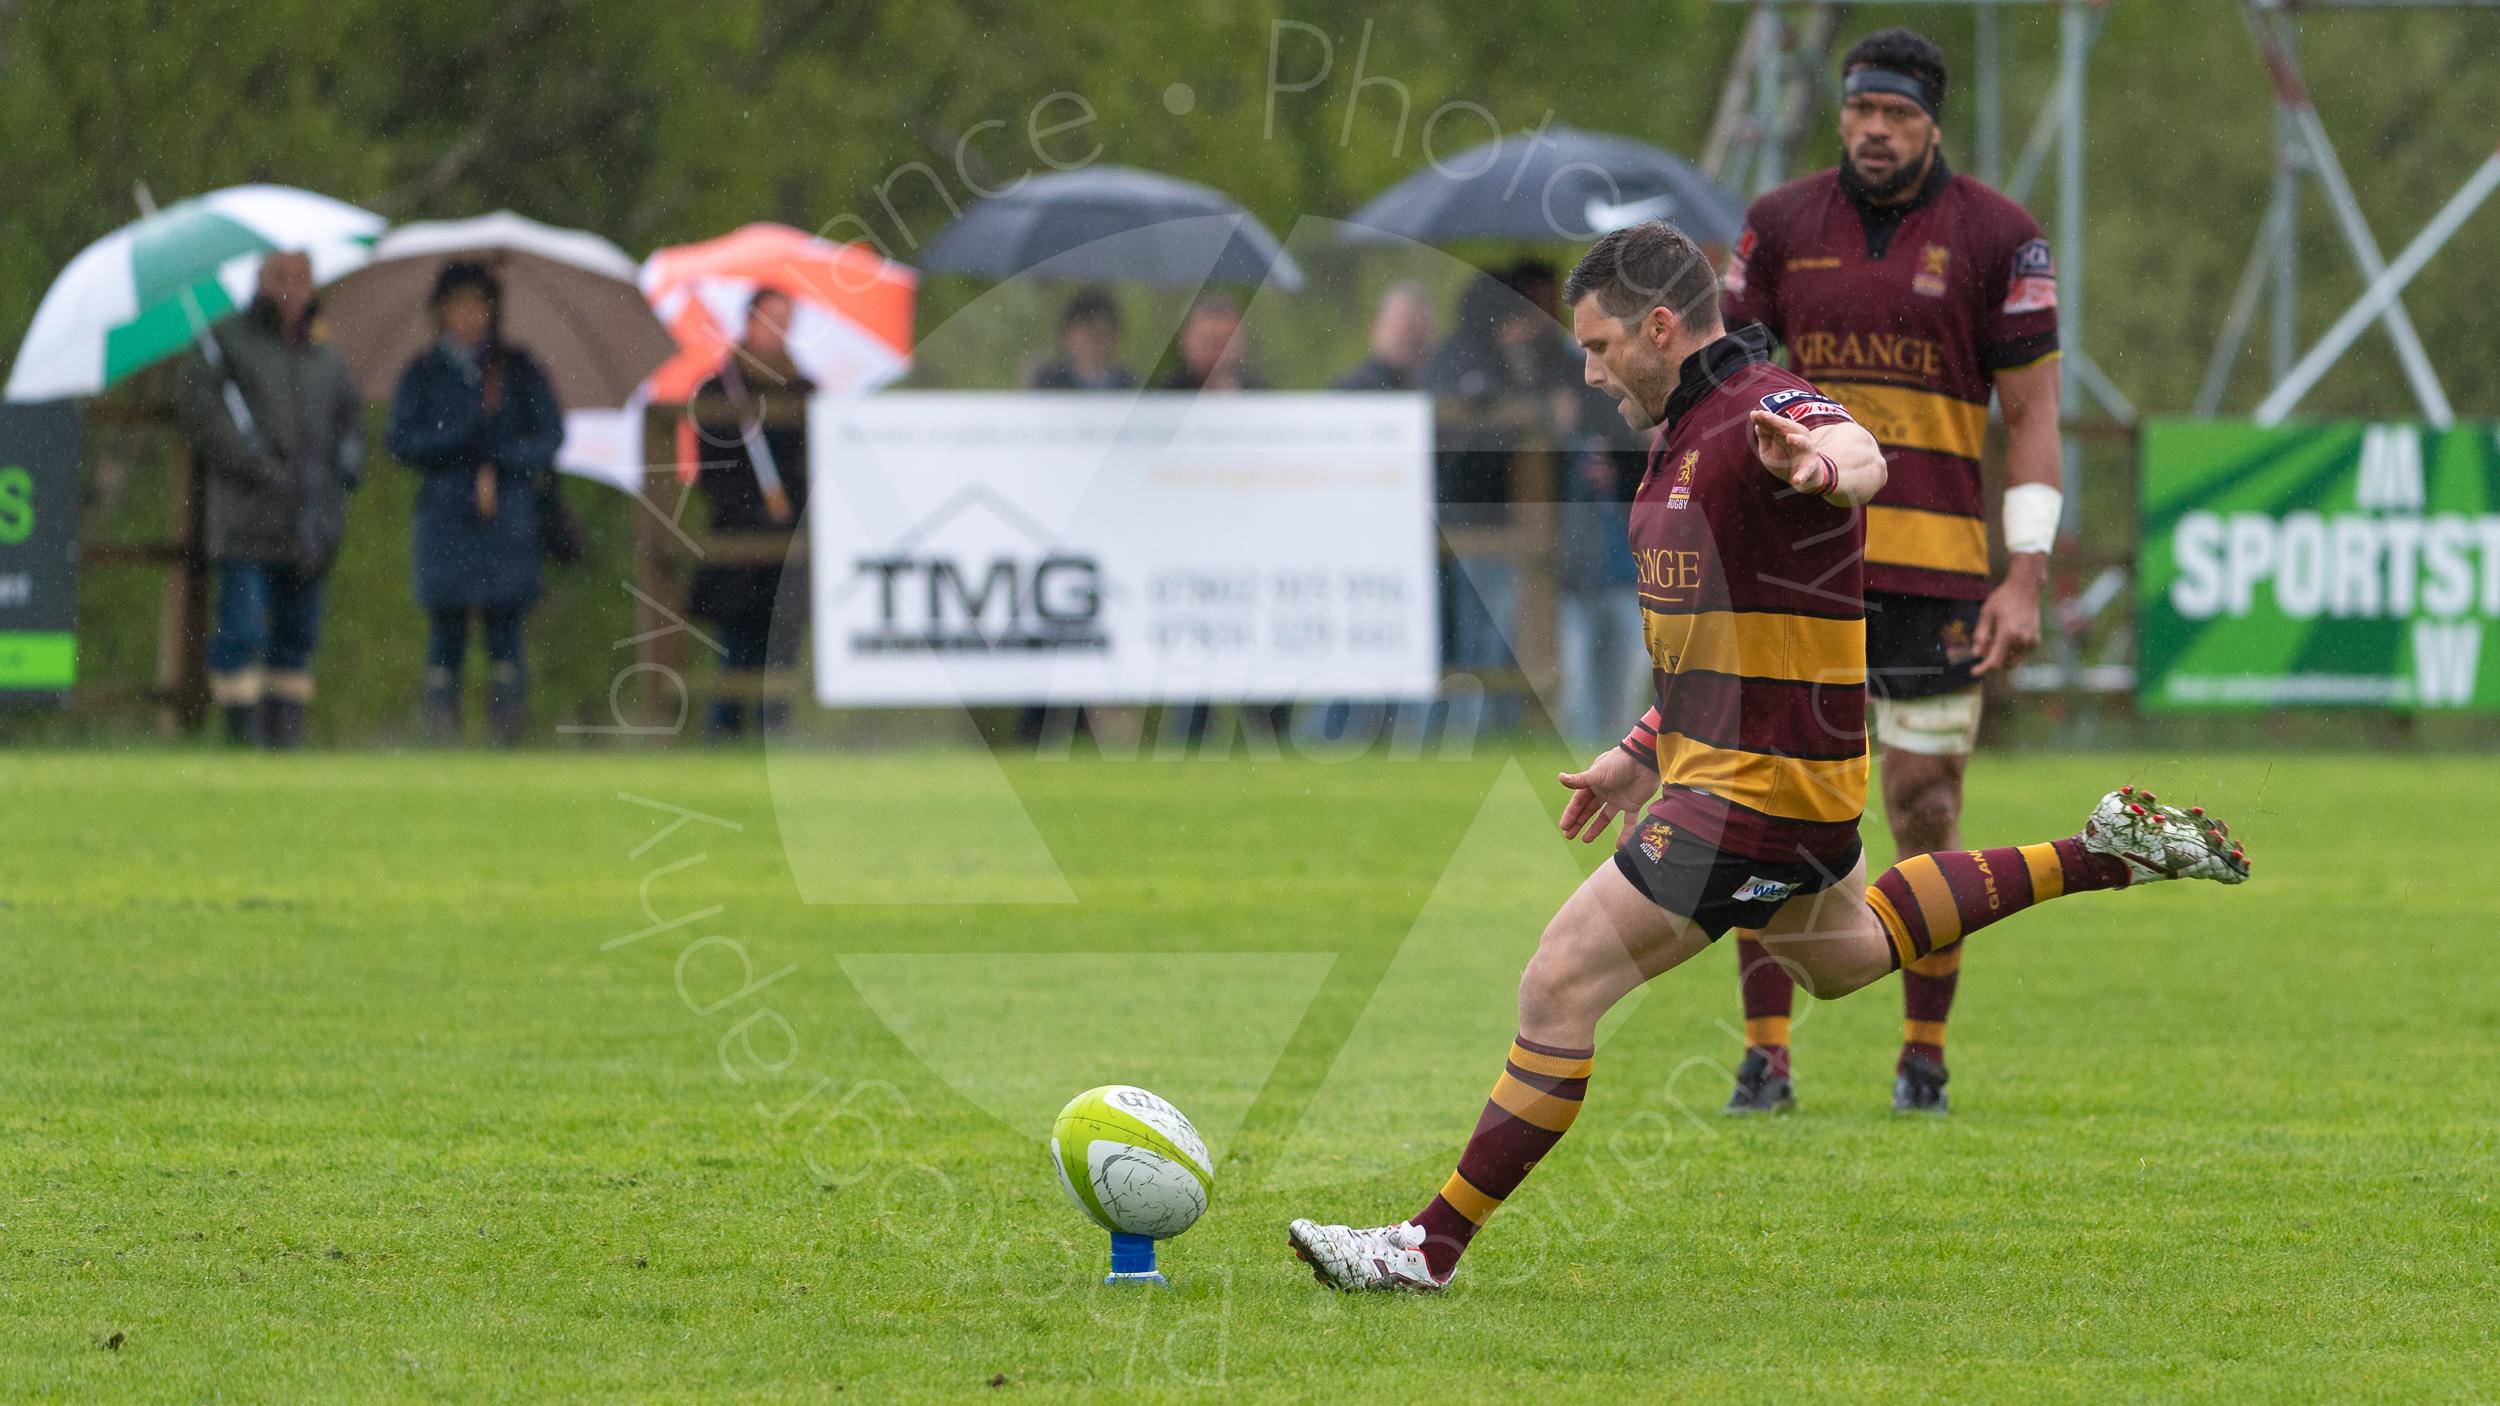 20180428 Ampthill 1st XV vs Moseley #9283